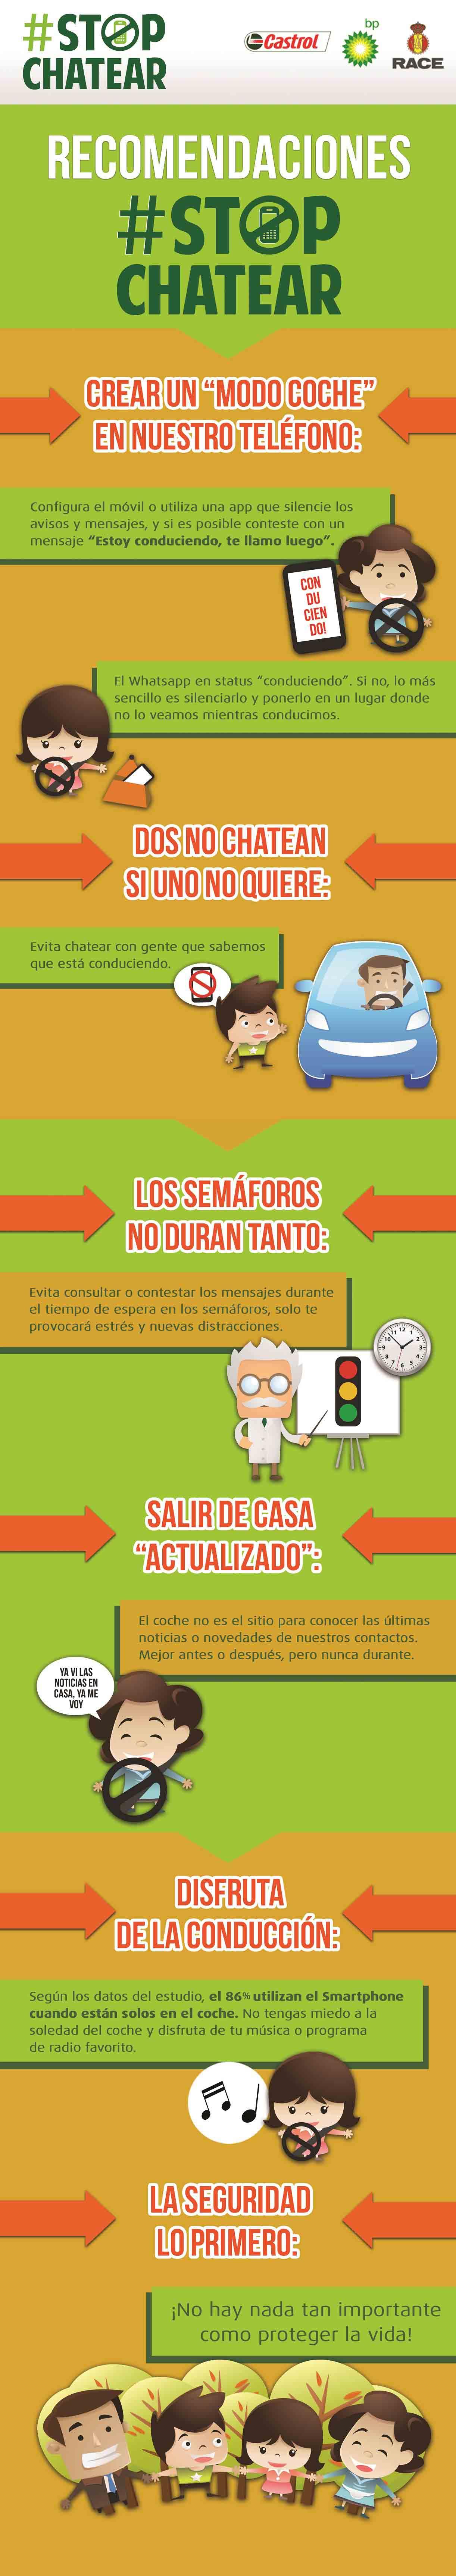 BP, Castrol y RACE conciencian sobre el uso del teléfono al volante